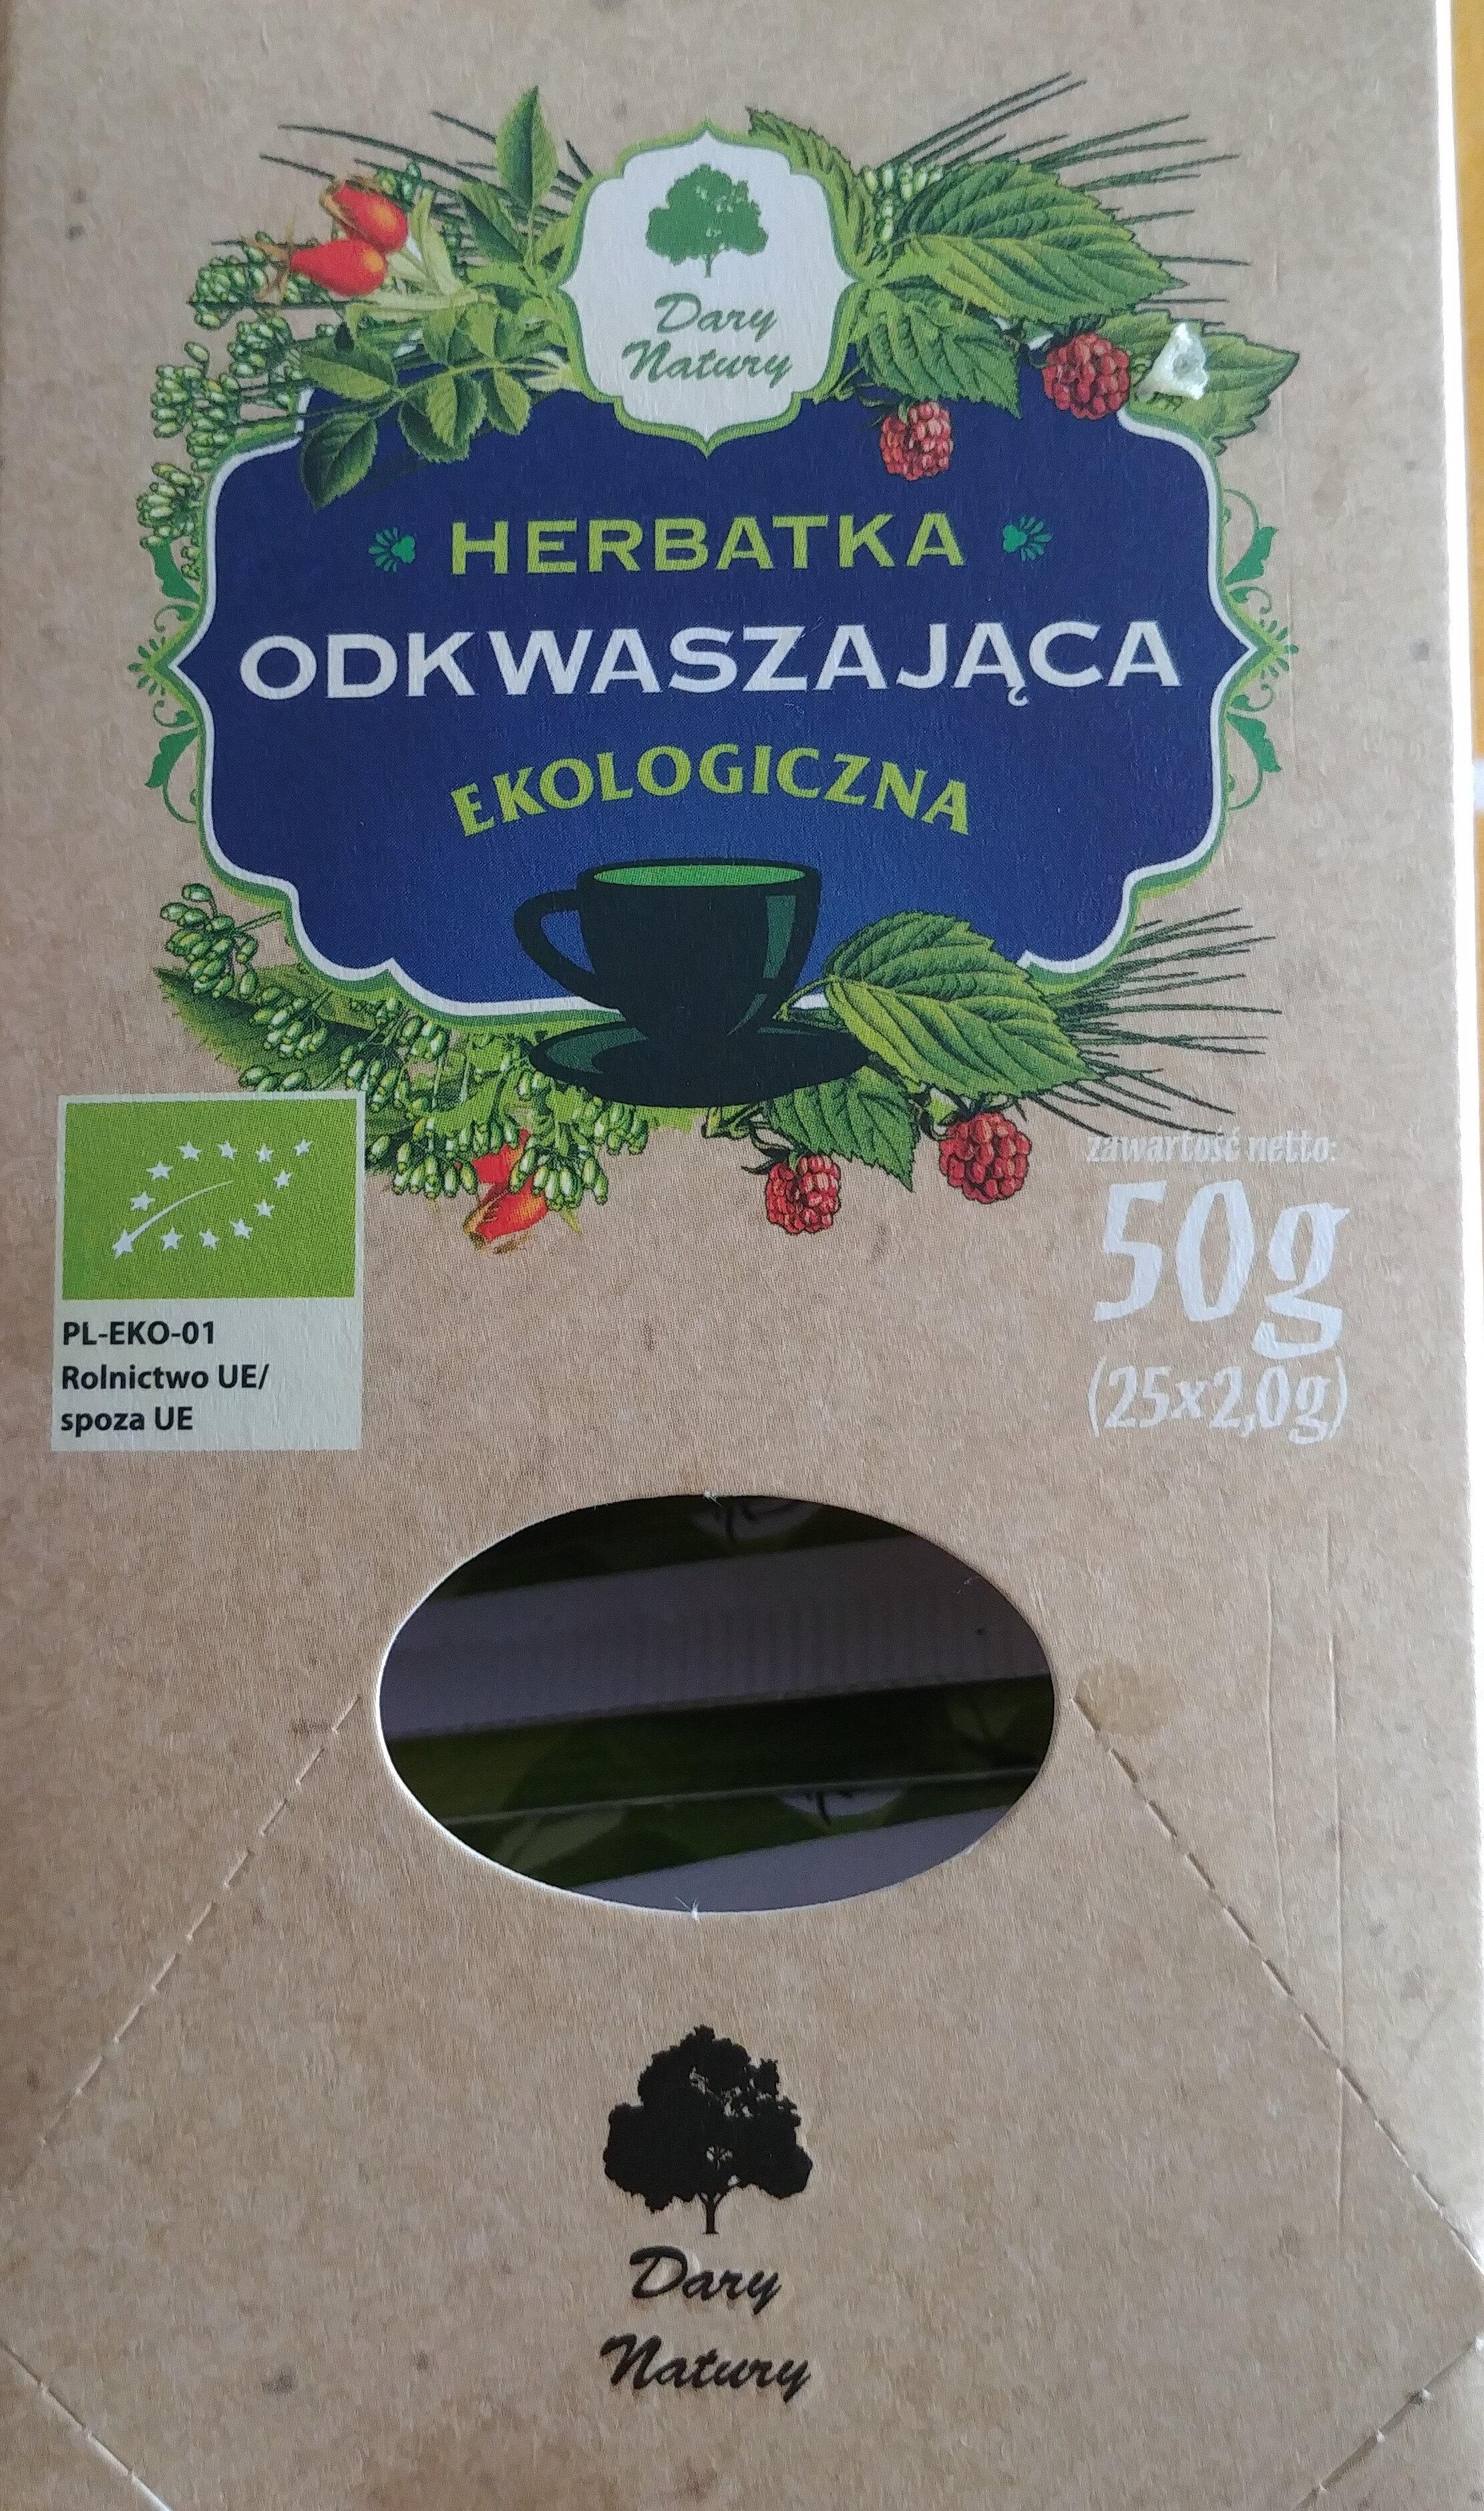 Herbatka odkwaszająca - Produkt - pl